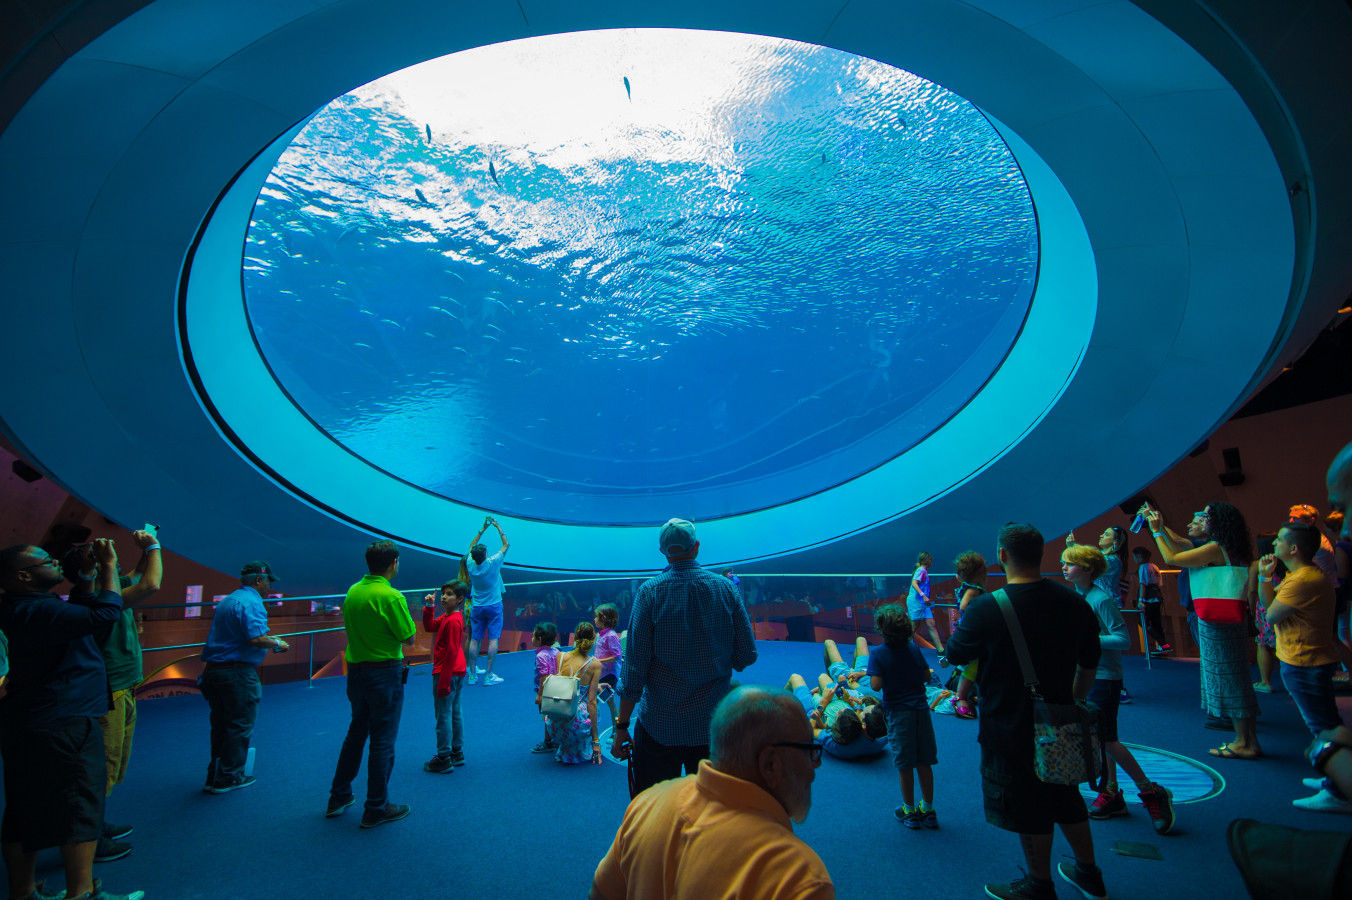 El acuario de oculus